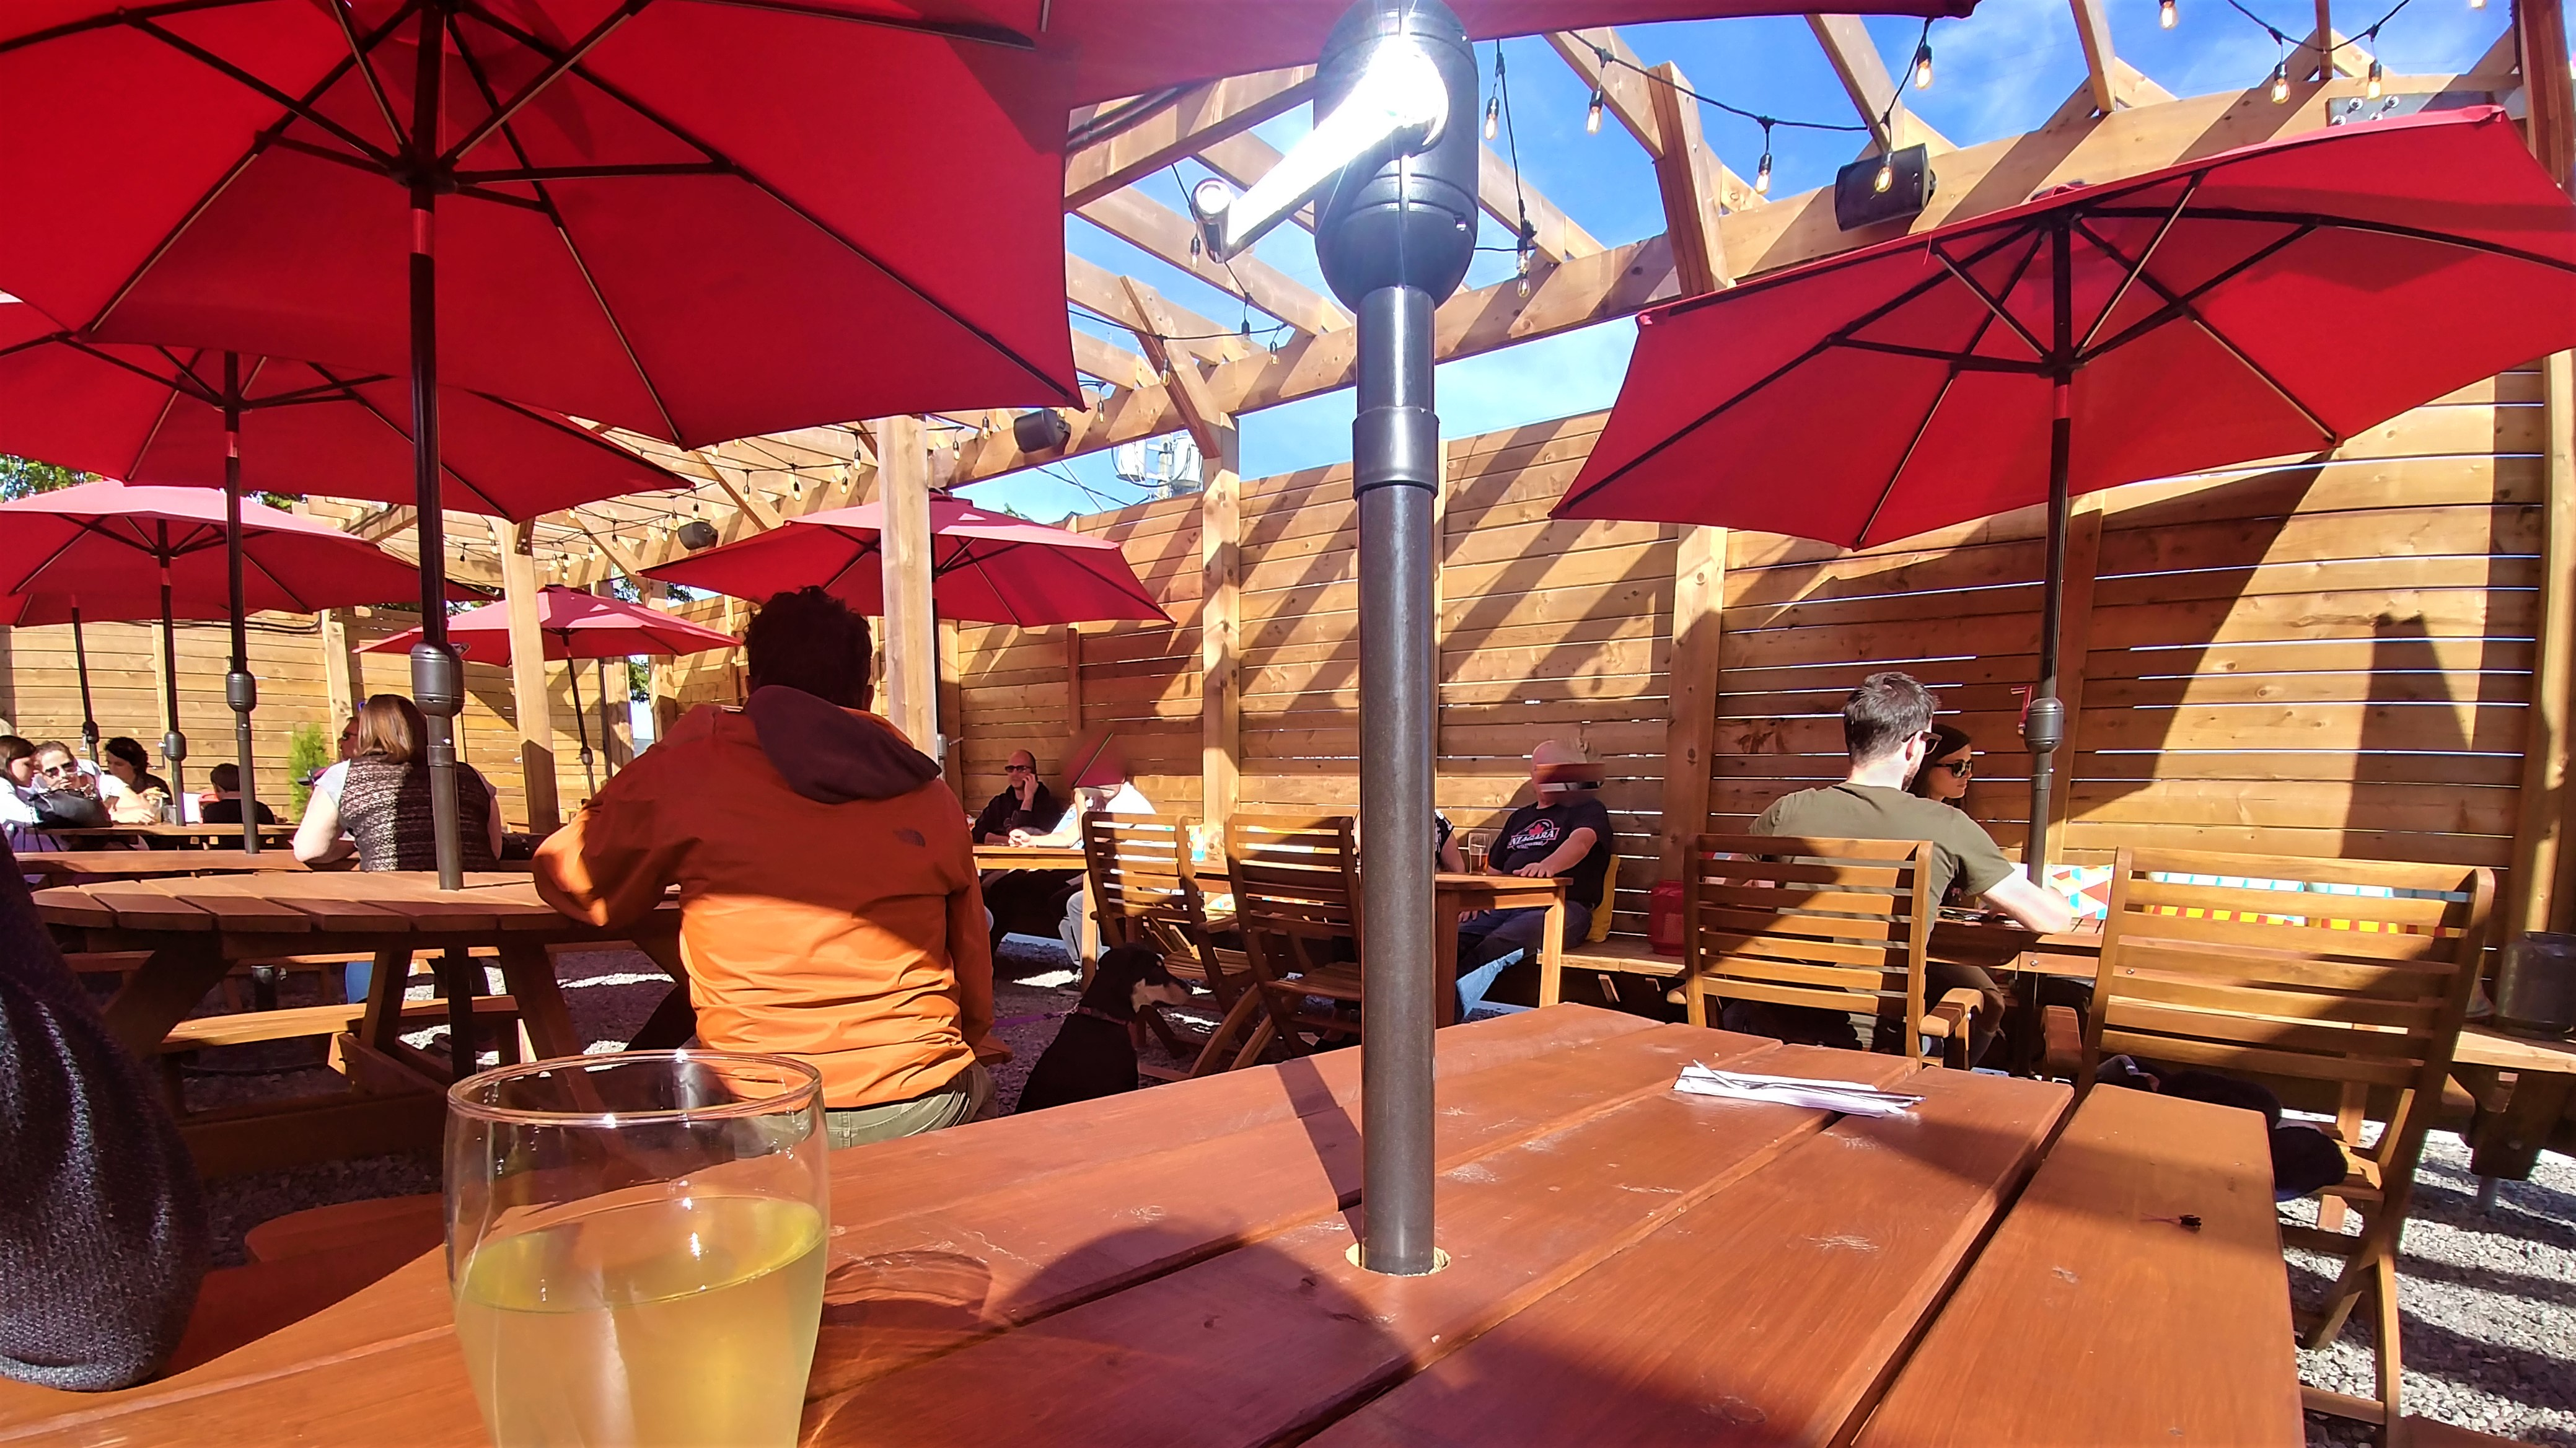 Euston park social moncton terrasses patios beer garden blog voyage acadie canada arpenter le chemin